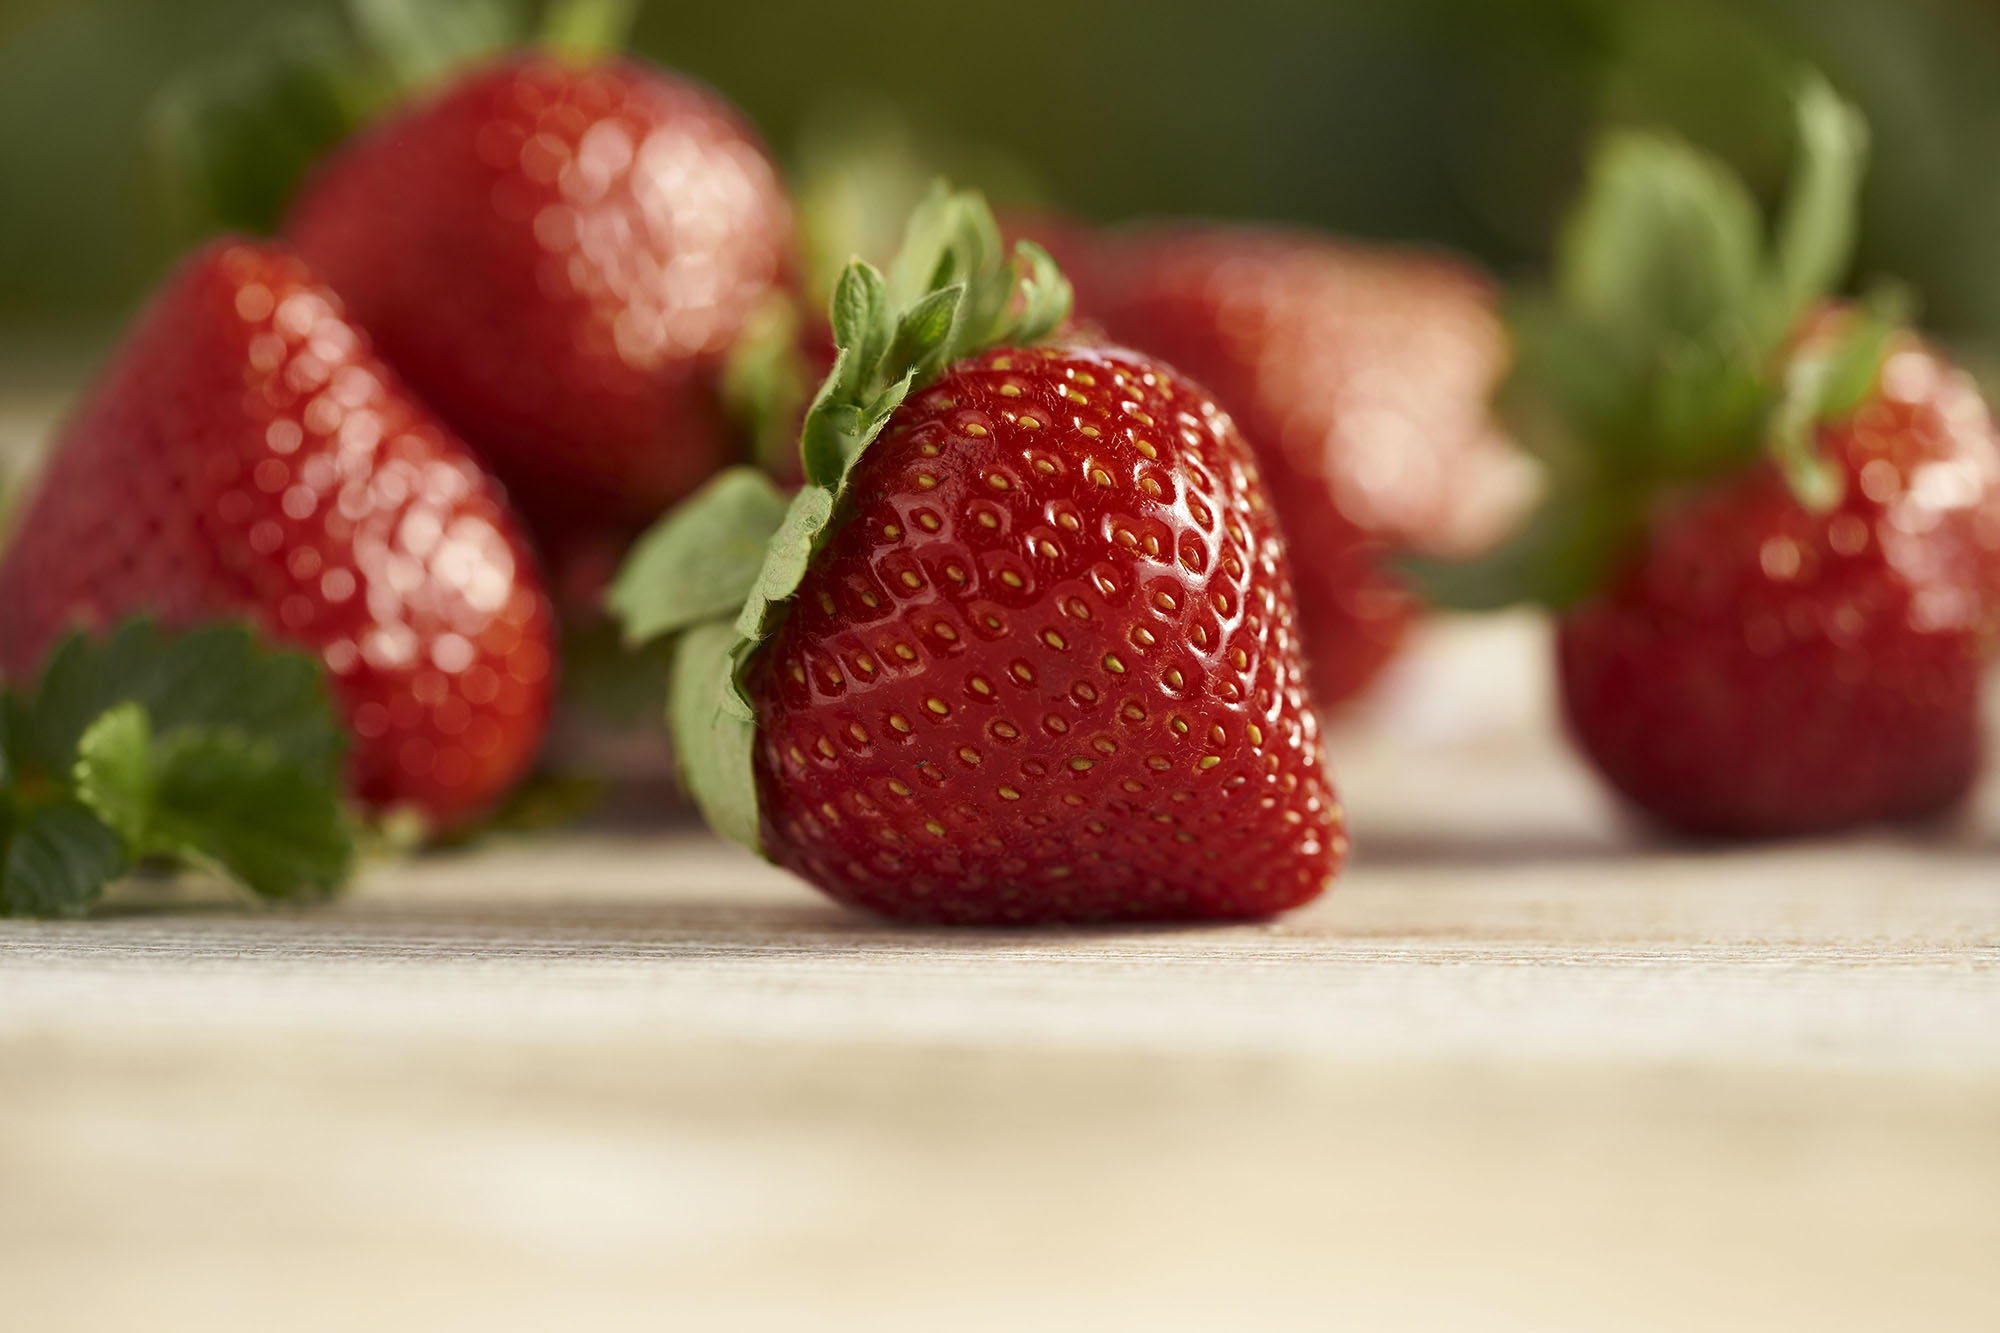 Strawberries Amp Organic Strawberries Driscolls